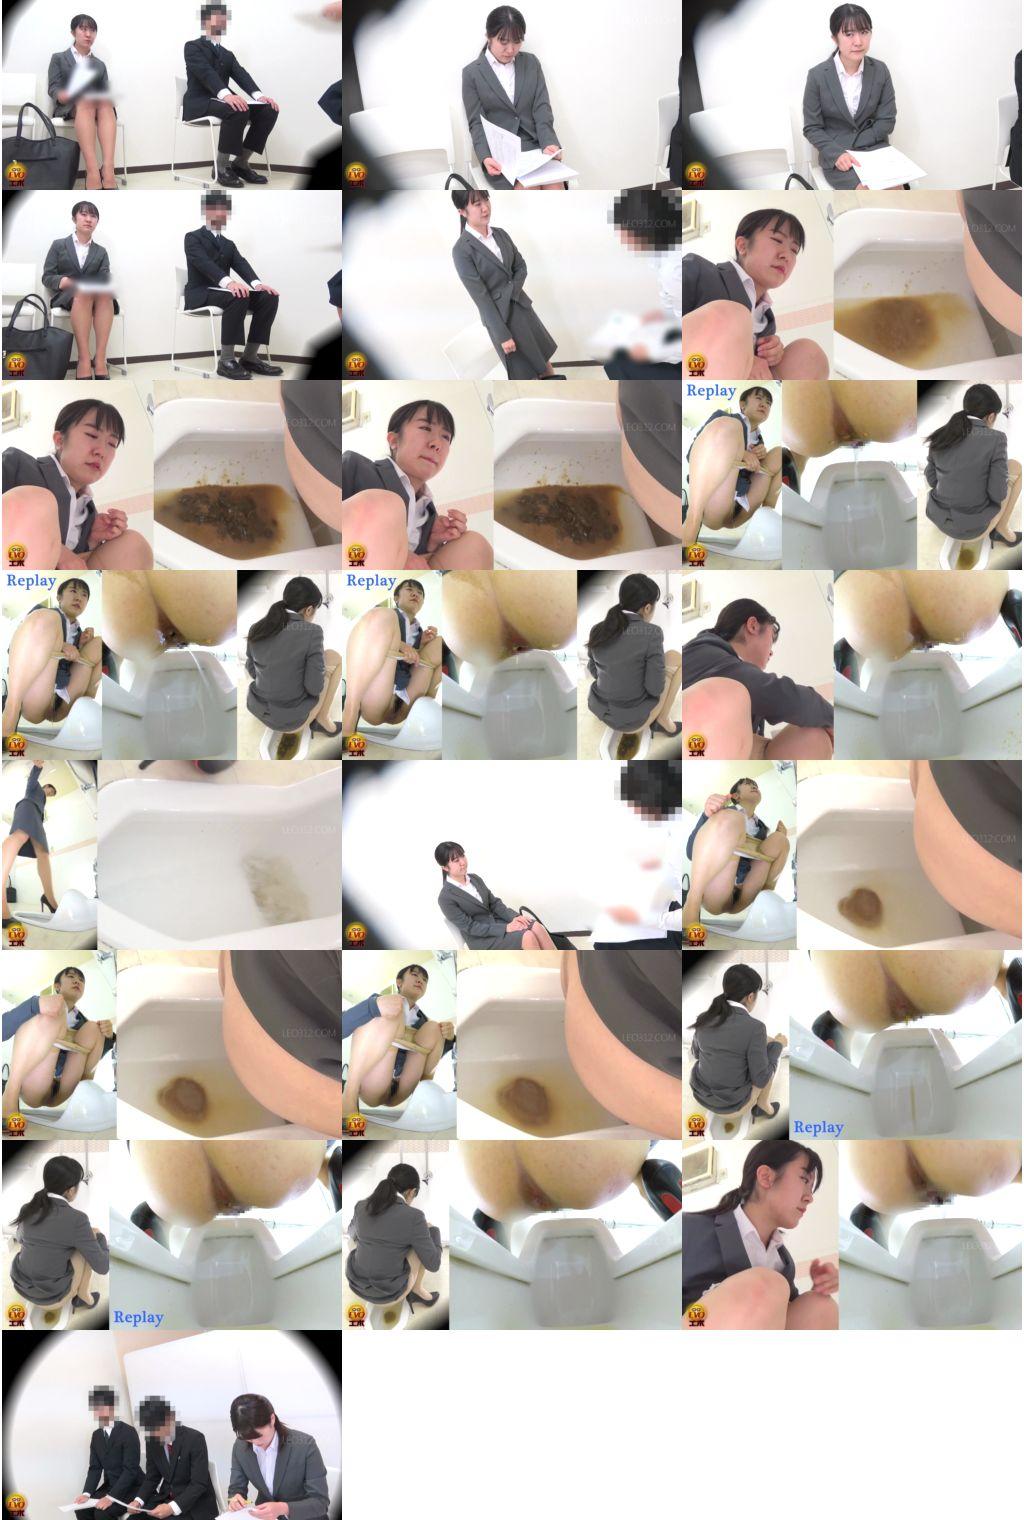 ee 336 07.mp4 s - [EE-336] OLセミナー会場盗撮 不慣れな環境による さしこみ下痢便 OL・秘書 スカトロ 脱糞 ジェイド エボ・ビジュアル